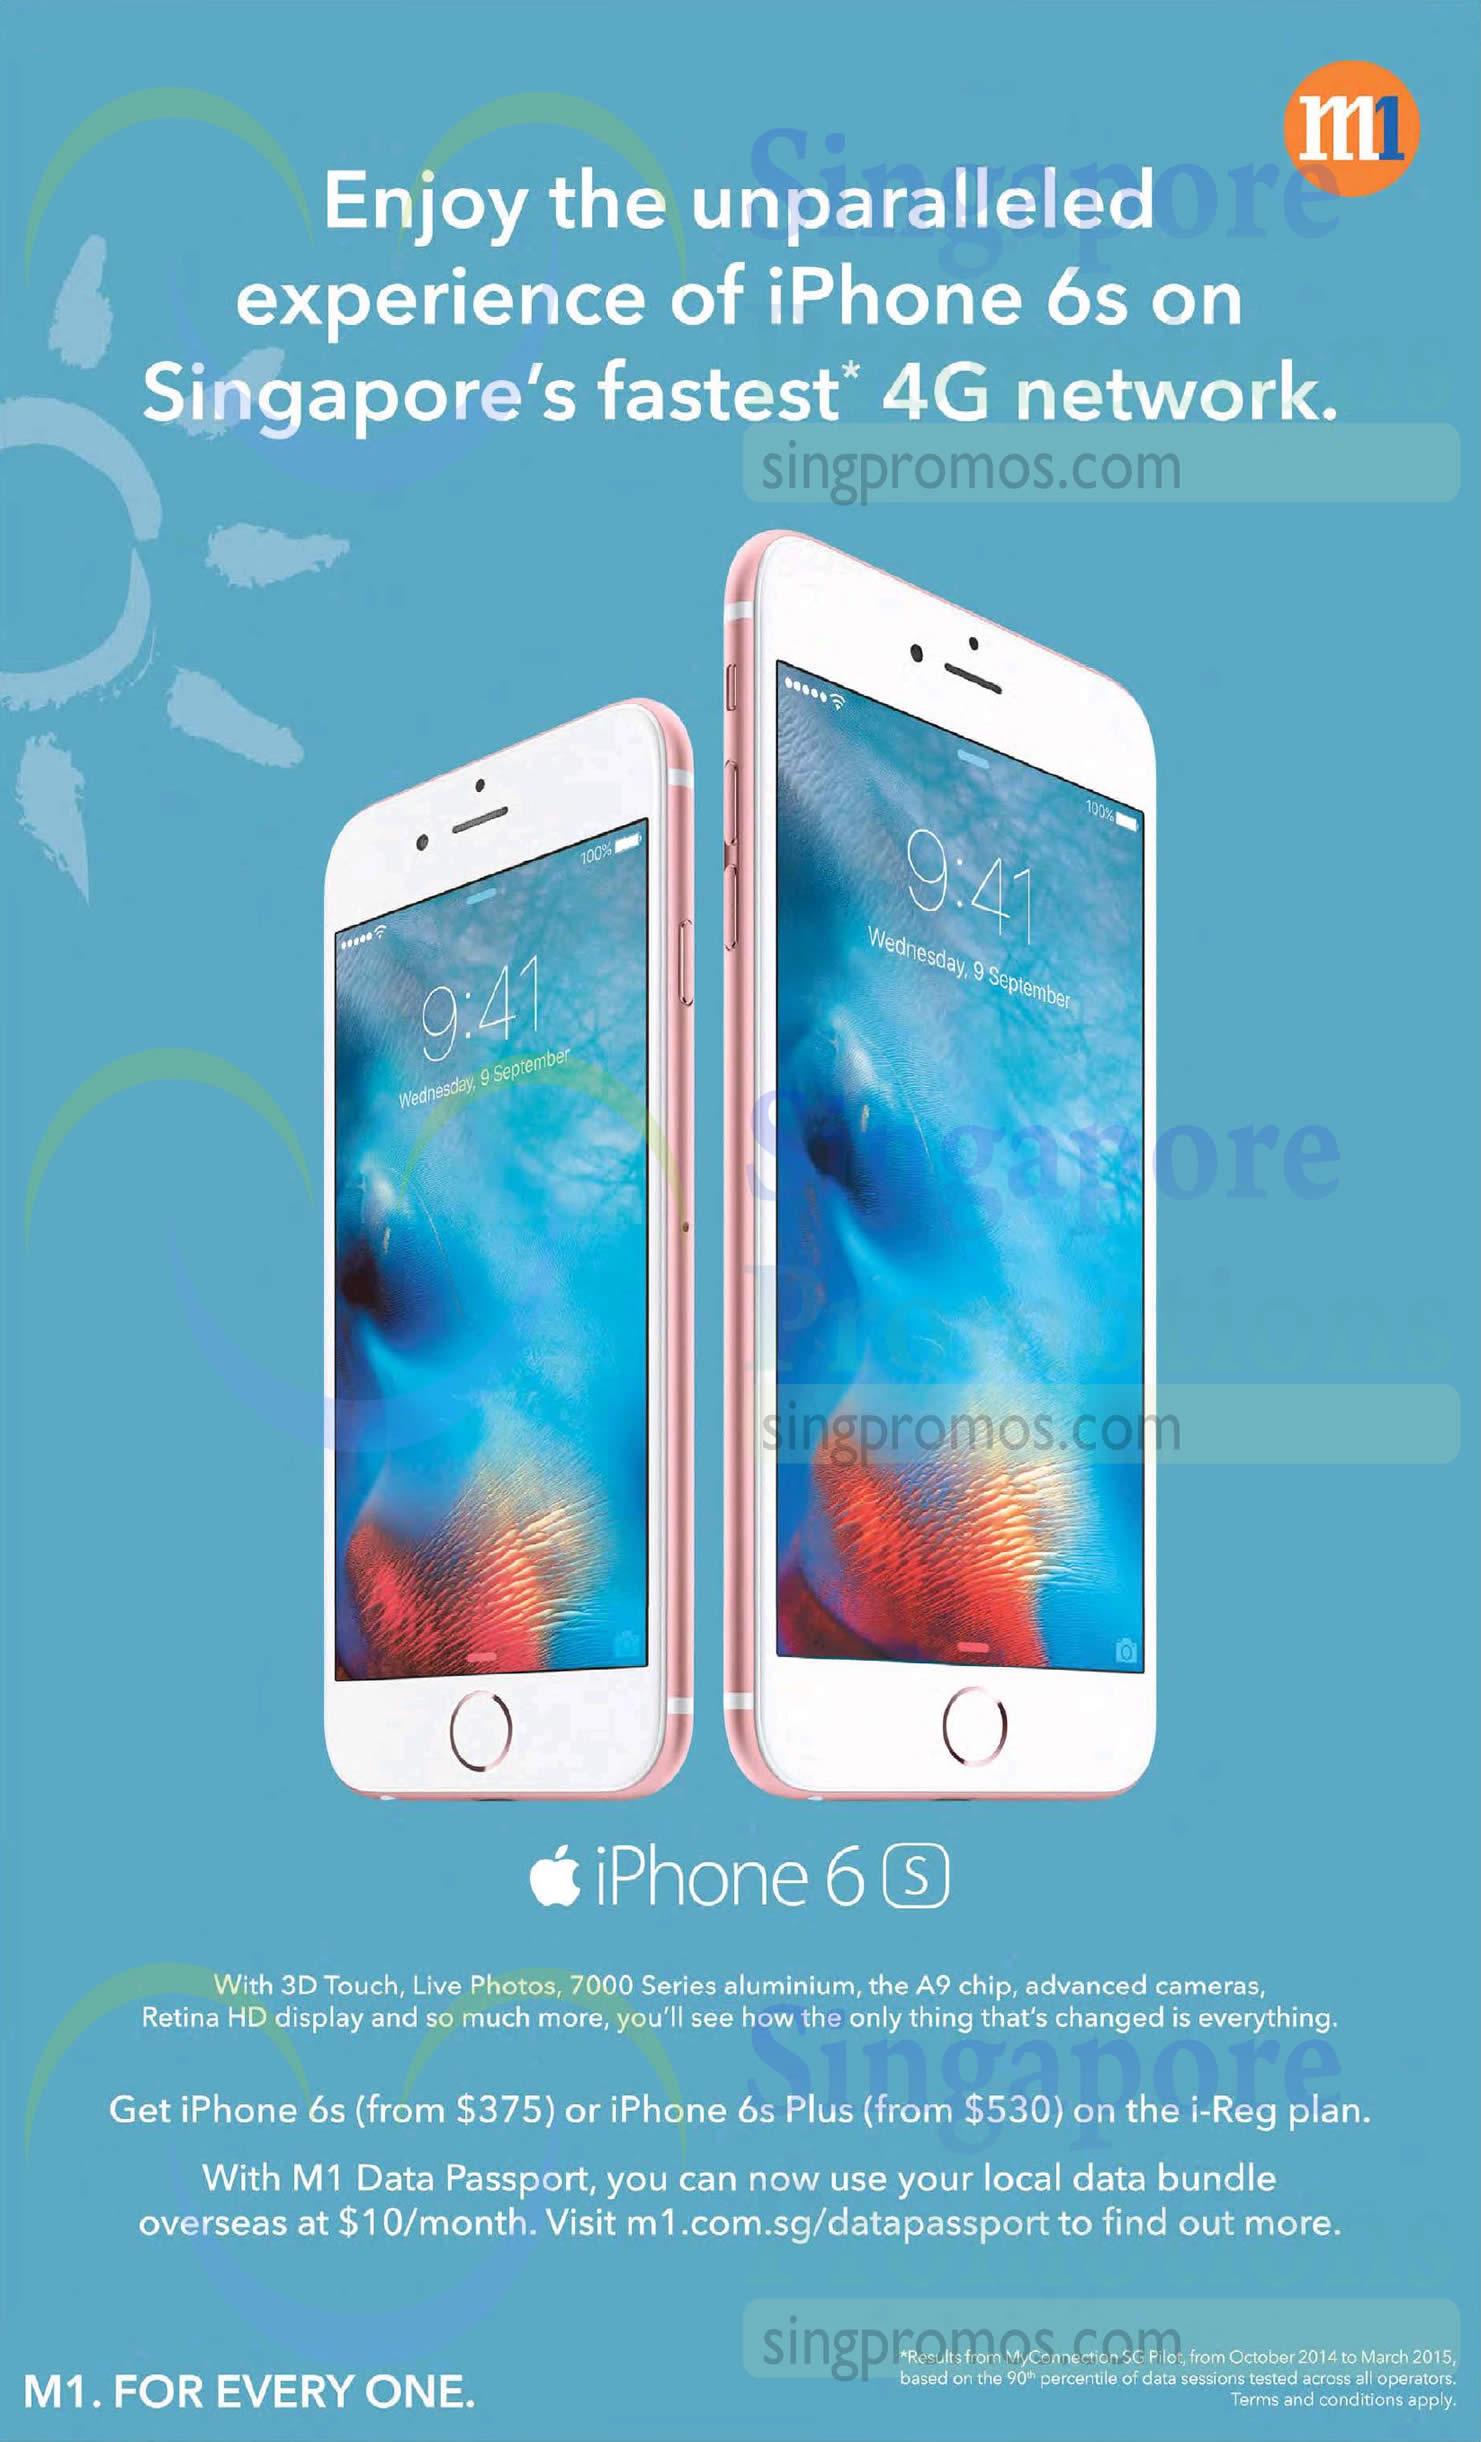 M1 Apple iPhone 6S, Apple iPhone 6S Plus